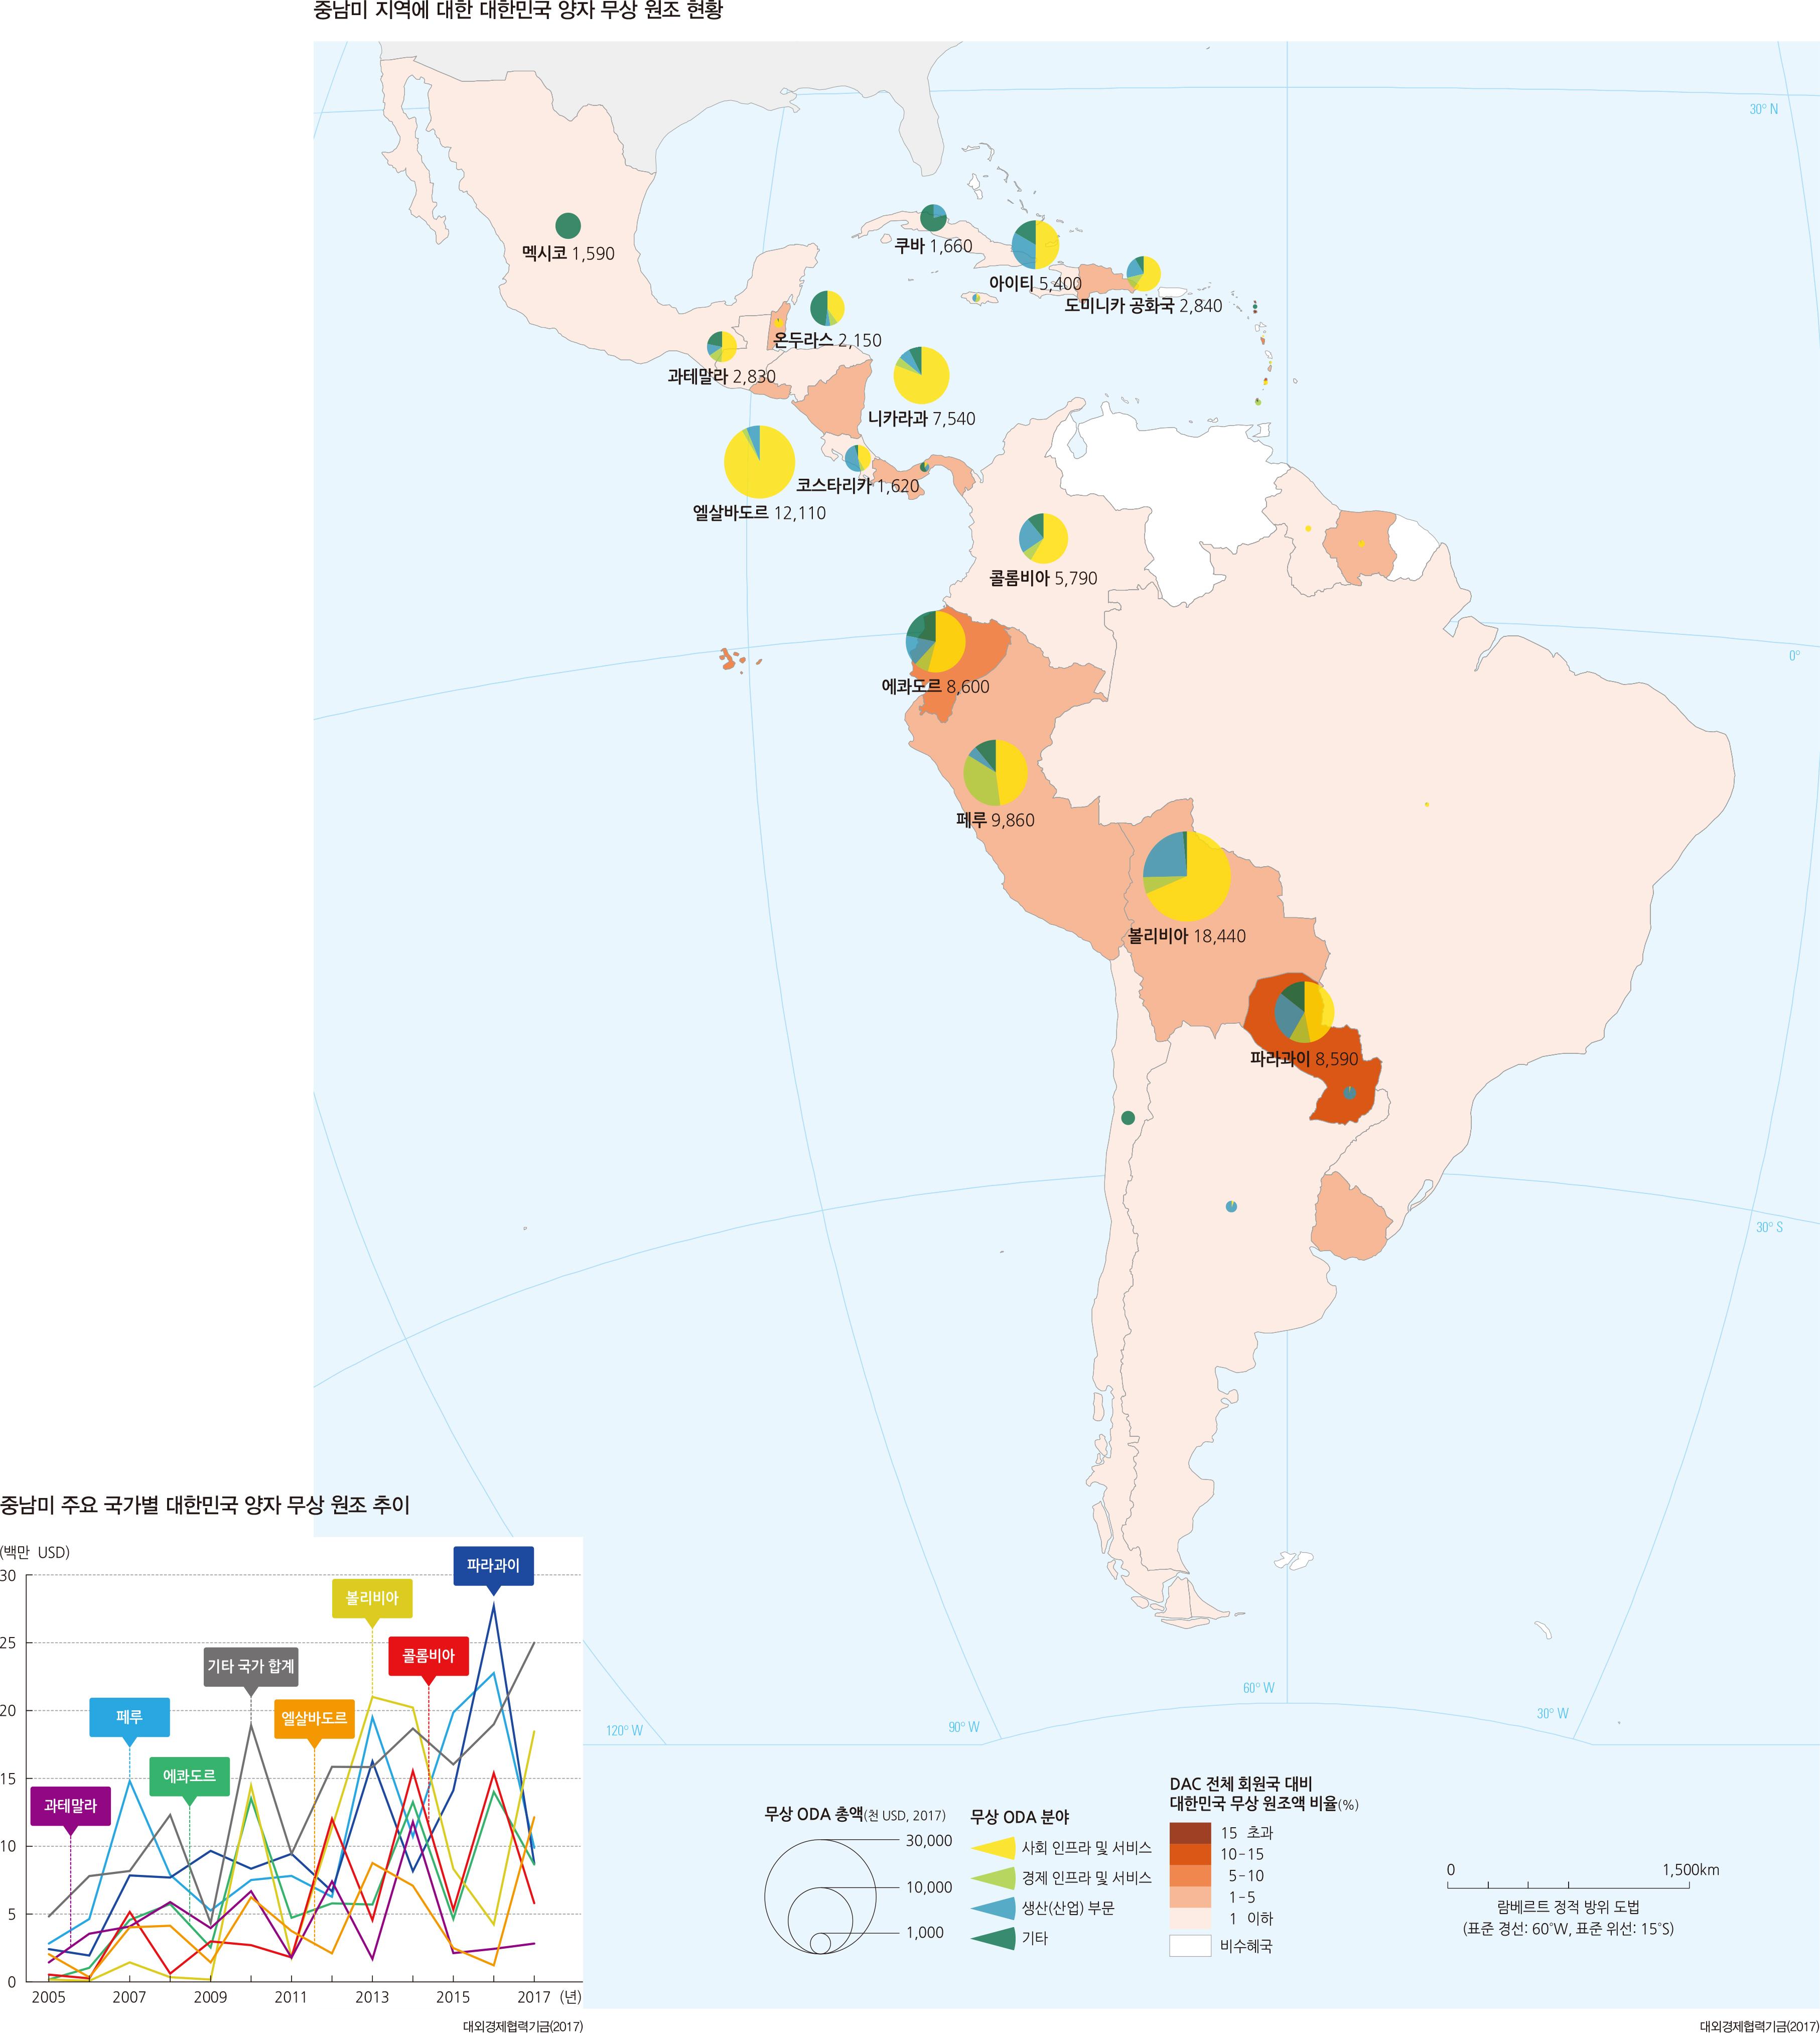 중남미 지역에 대한 대한민국 양자 무상 원조 현황